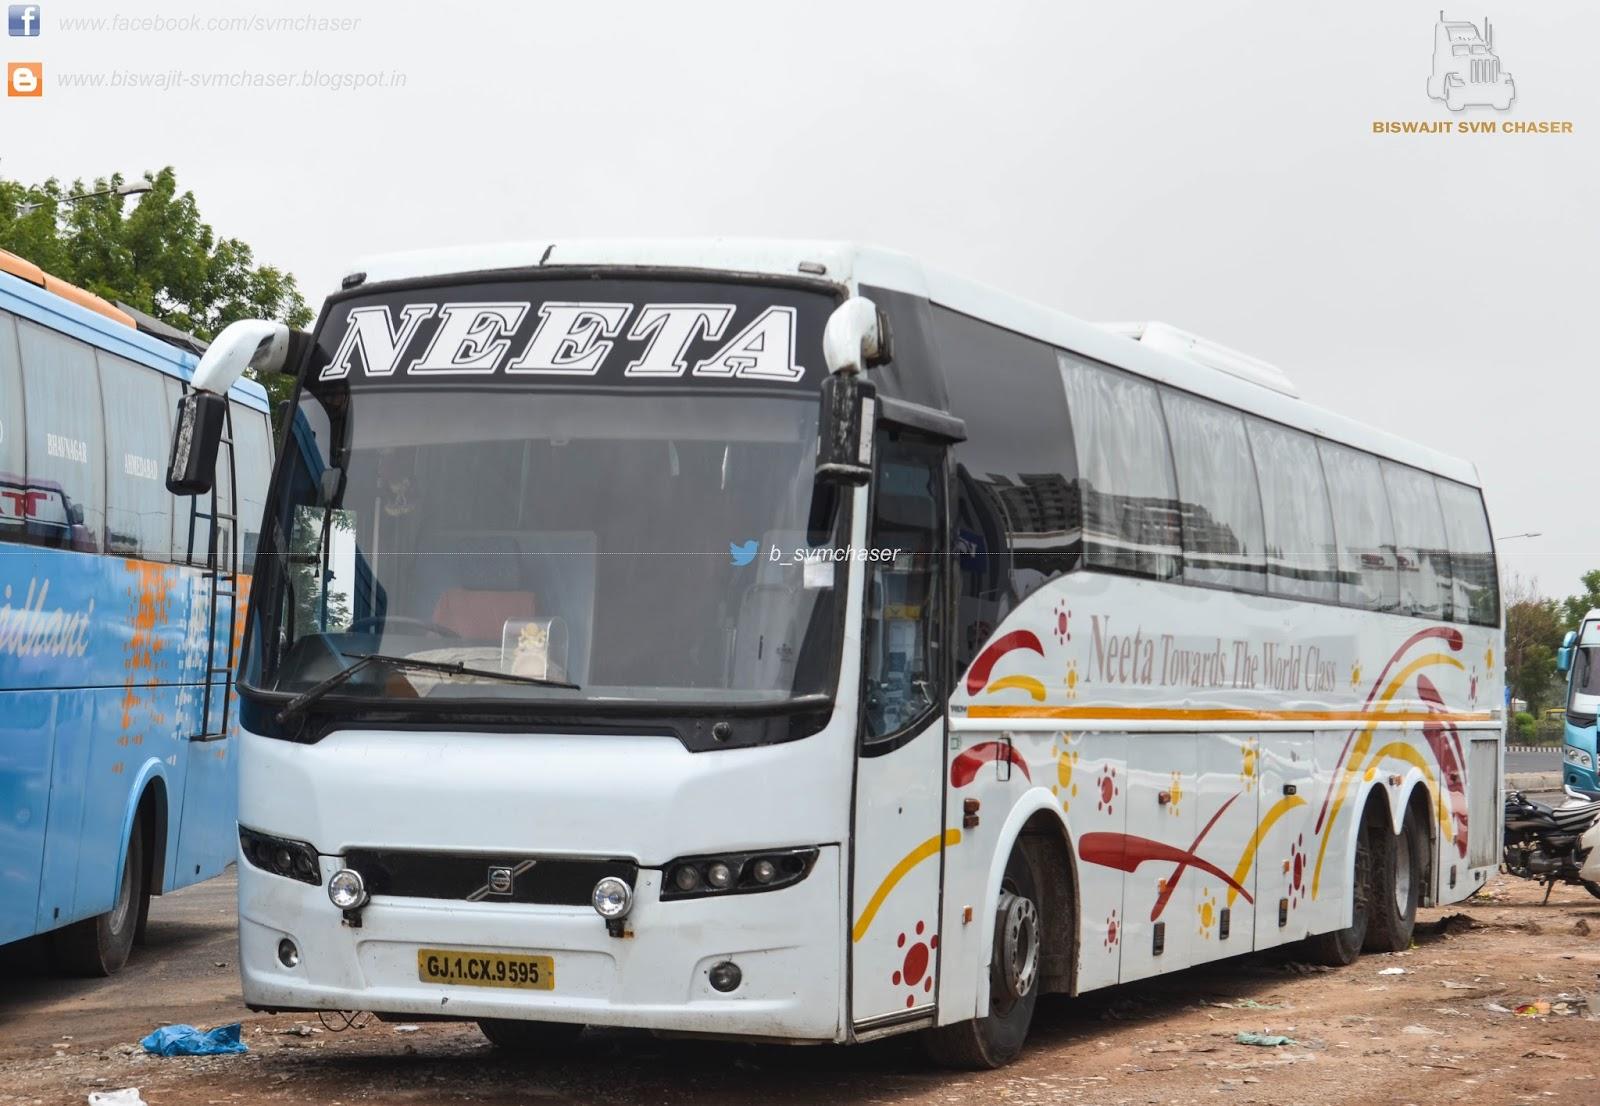 Biswajit SVM Chaser: Neeta VOLVO B9R Multiaxle Semi Sleeper GJ1 CX